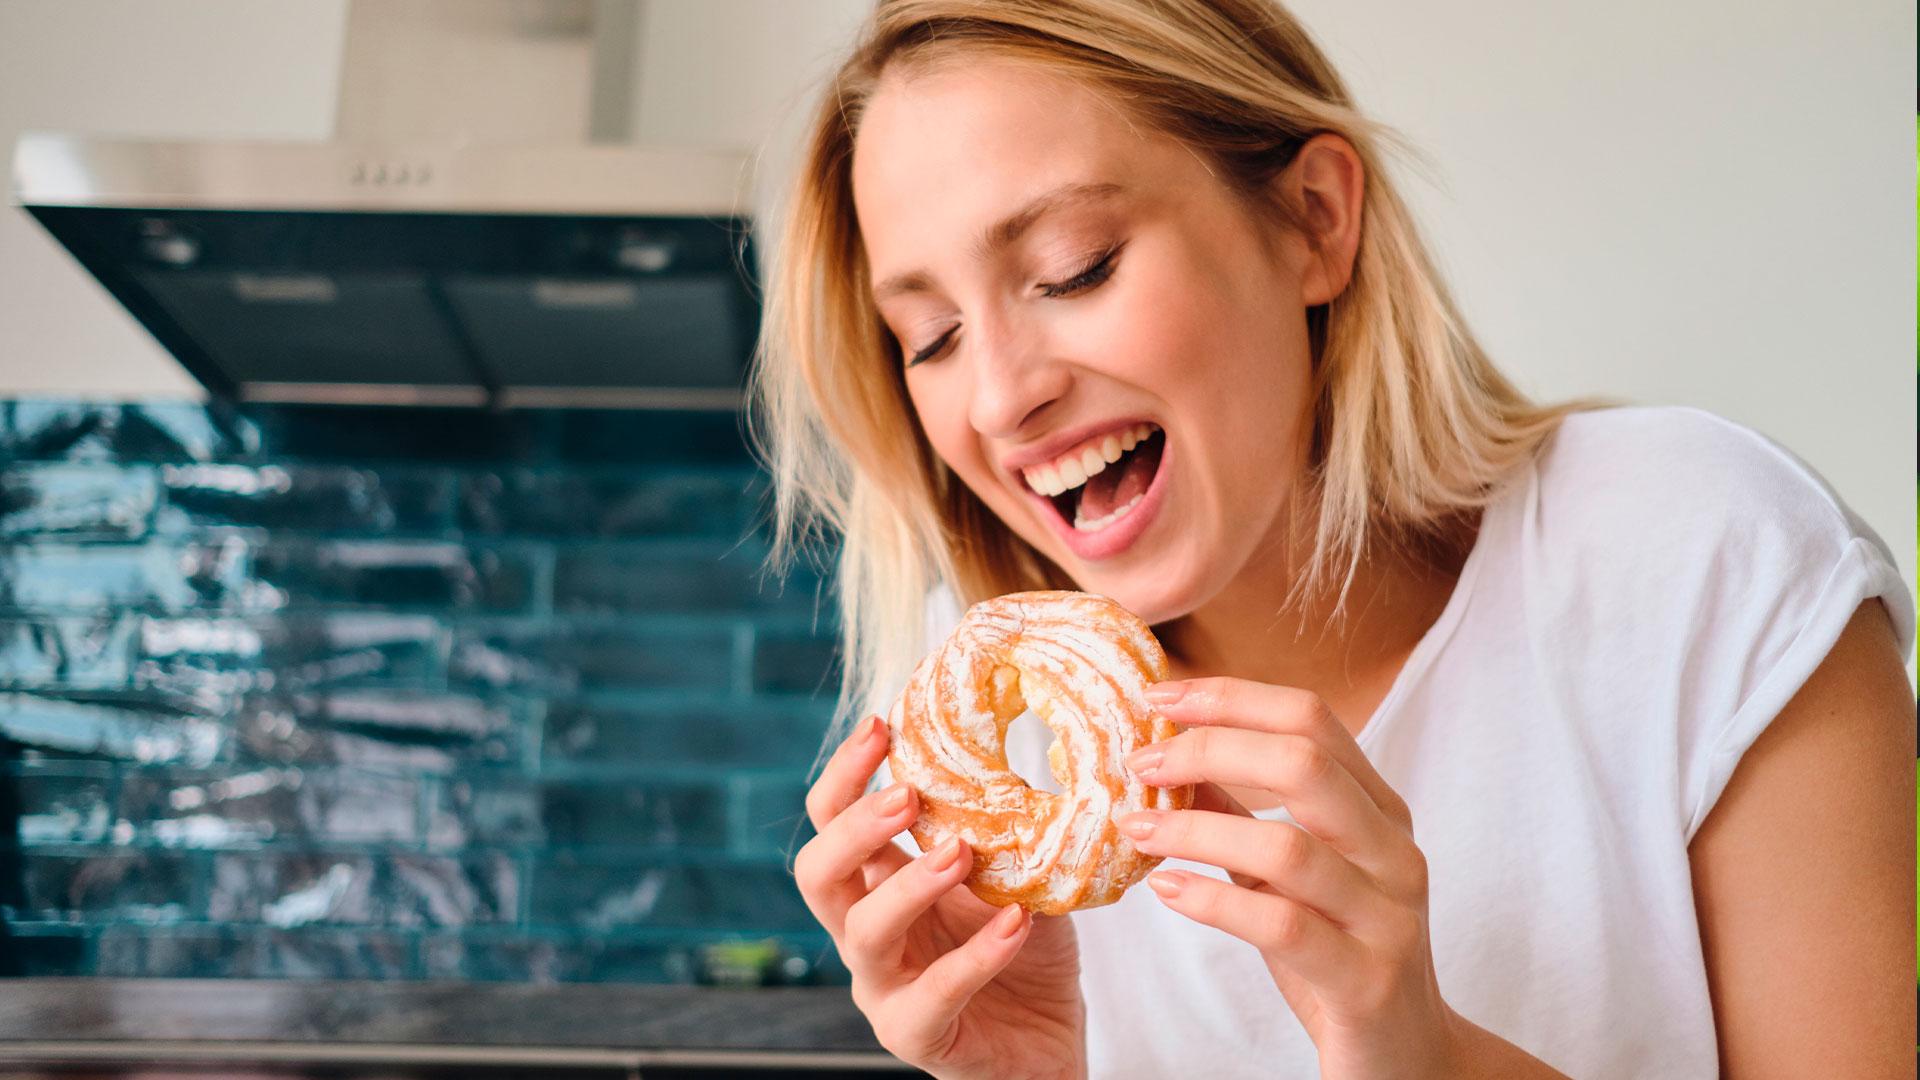 Zuccheri in eccesso, i danni cominciano nell'adolescenza